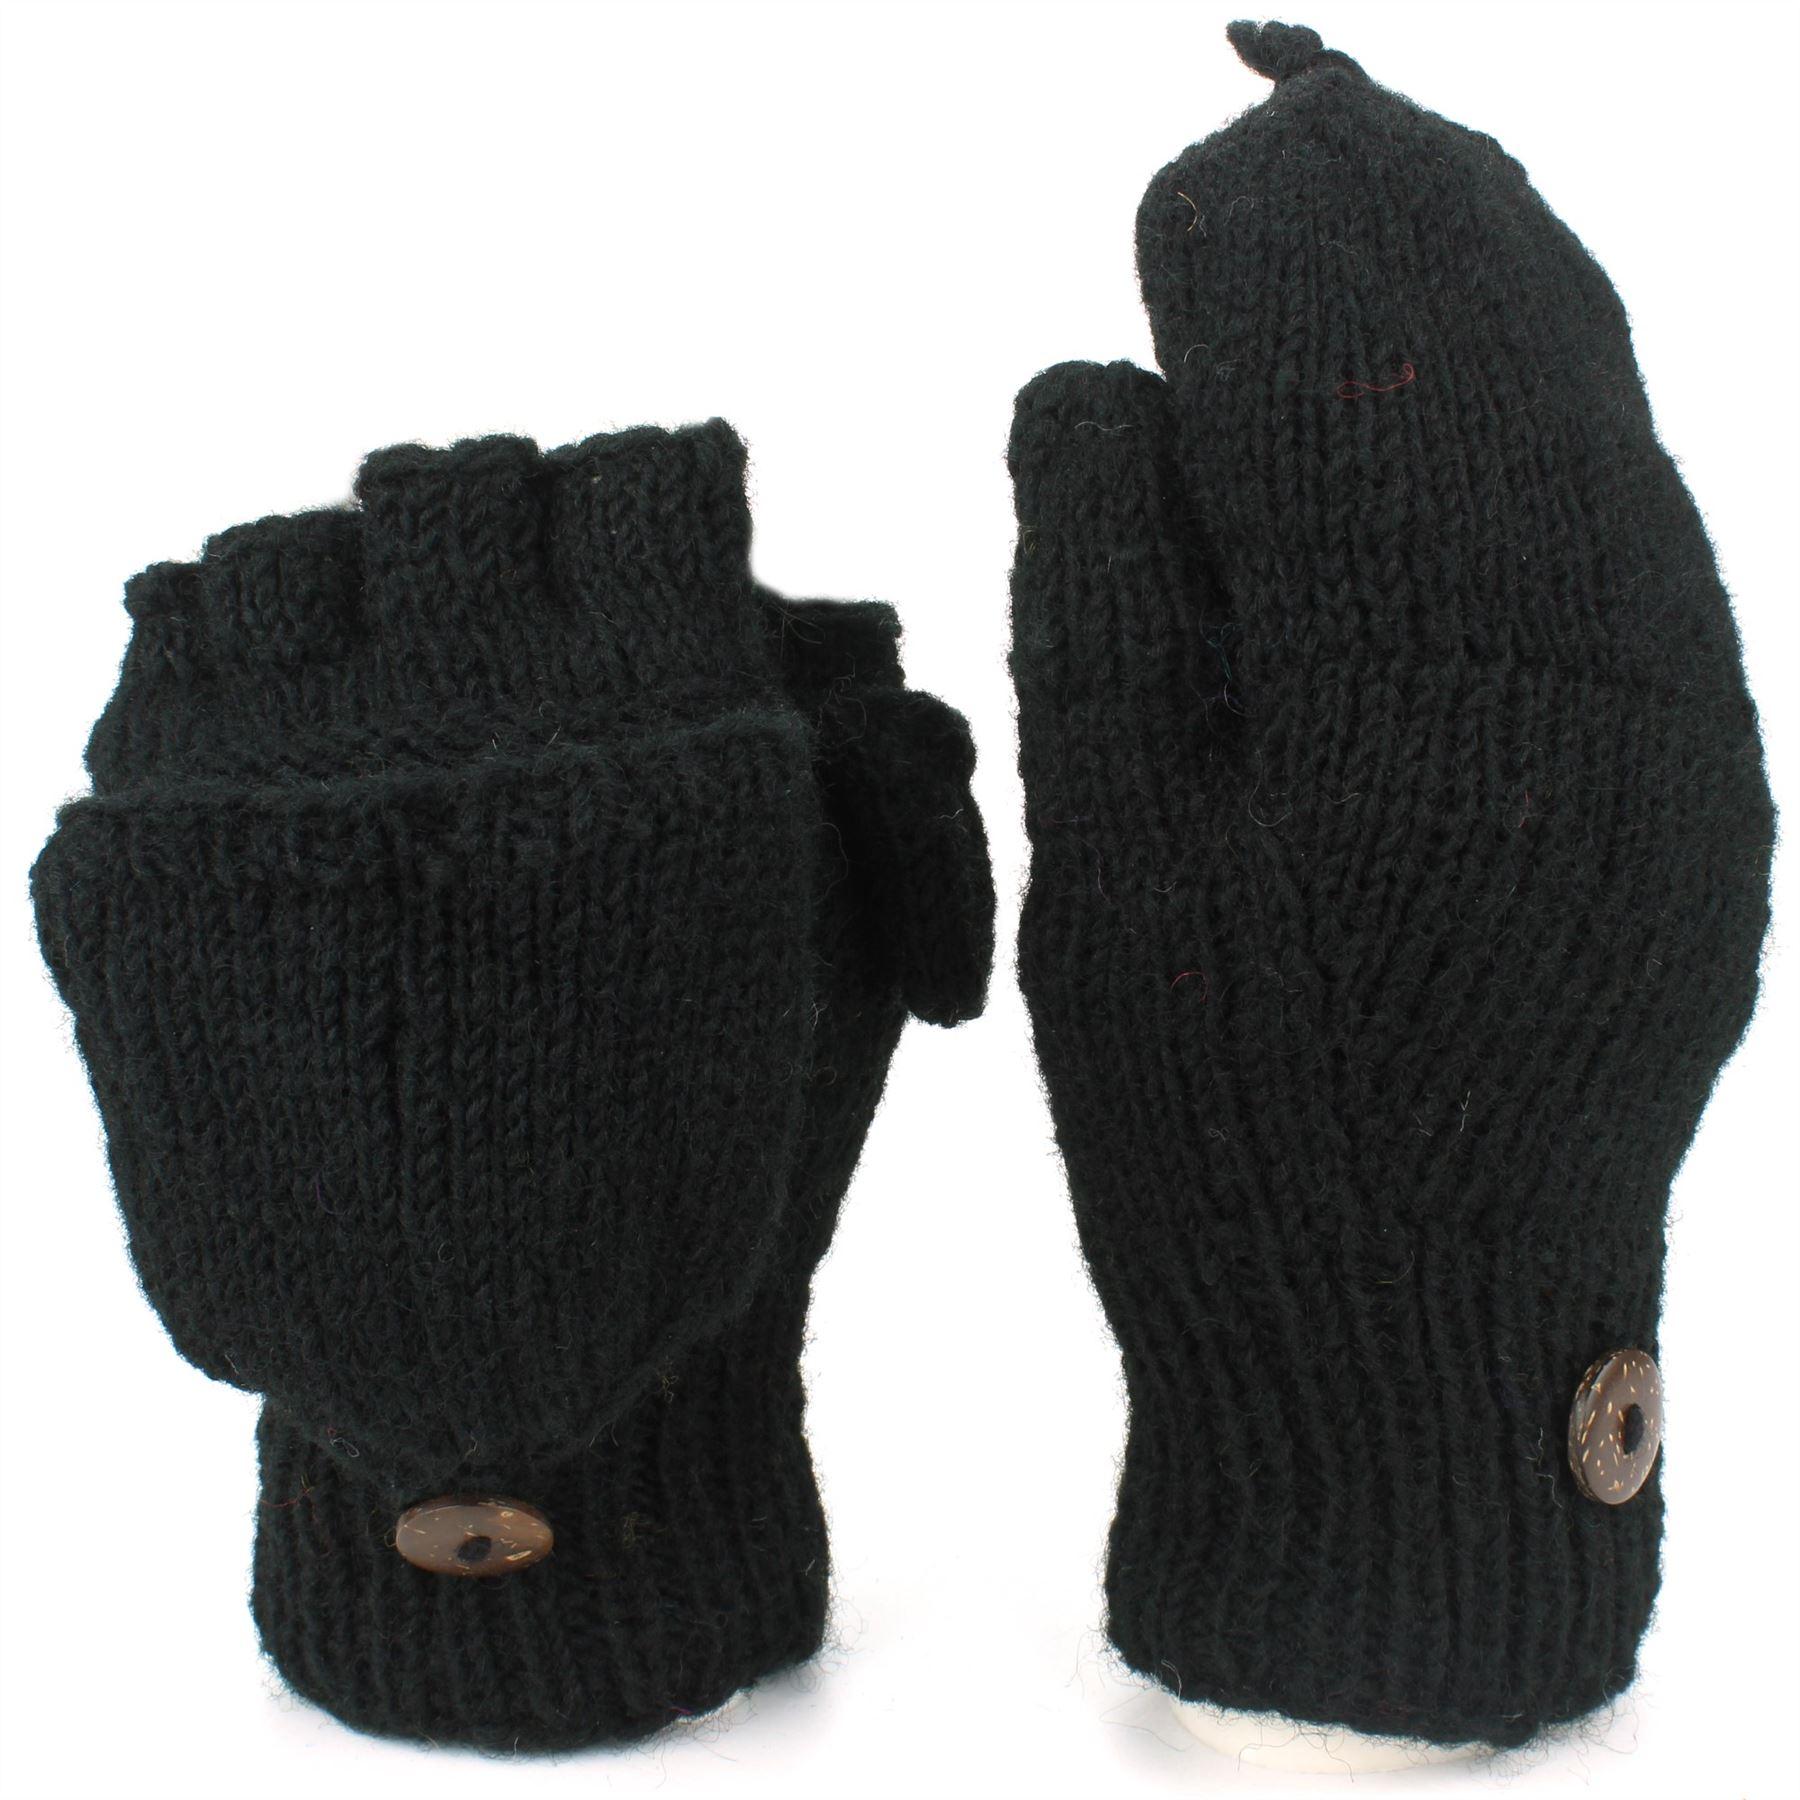 Wool-Gloves-Mittens-Fingerless-Shooter-Lined-PLAIN-Knit-Handmade-LoudElephant miniatura 2